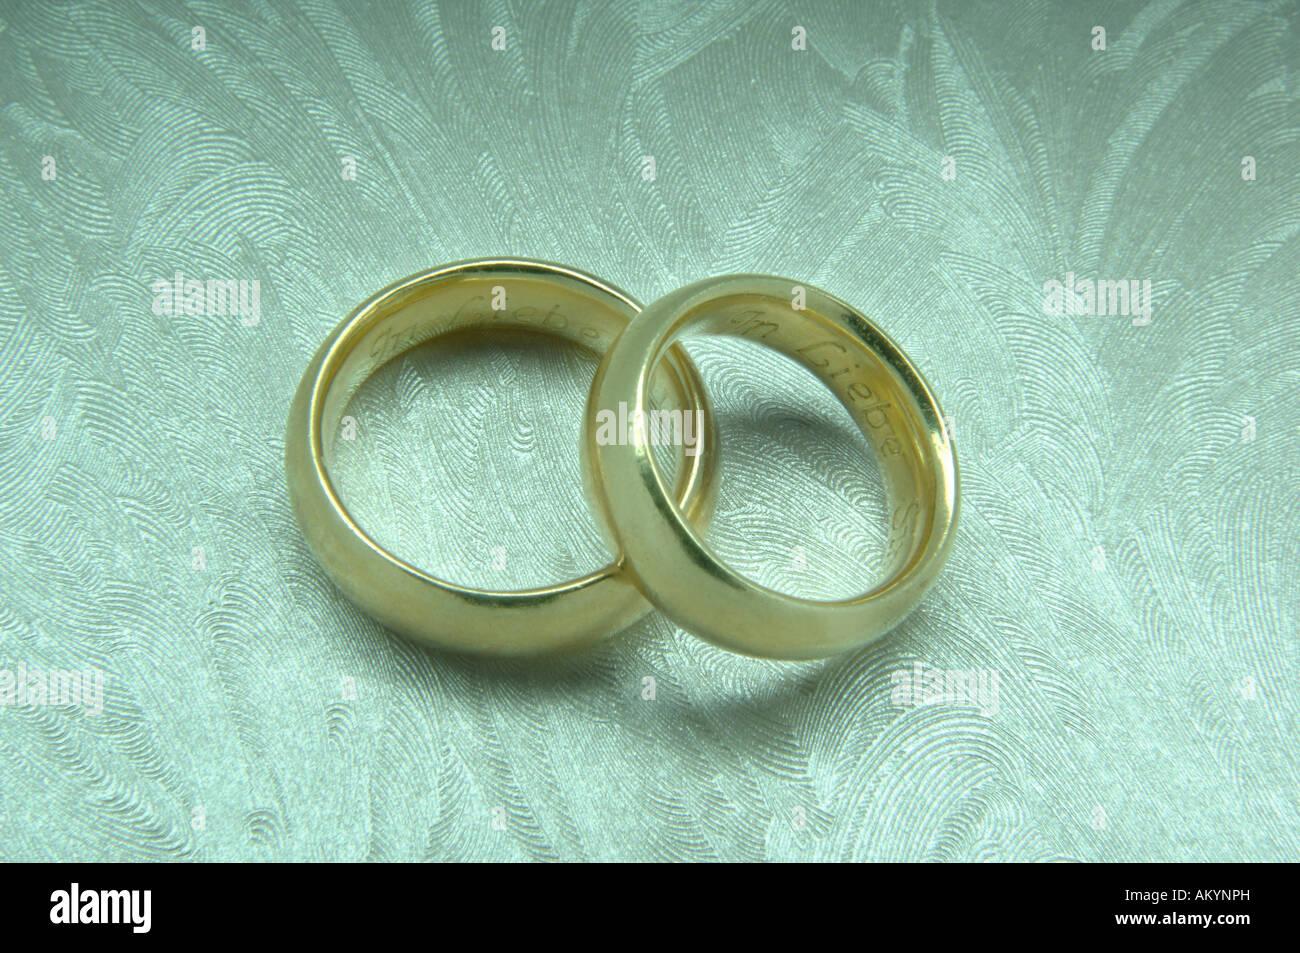 Goldene Hochzeit Ringe Stockfoto Bild 15100888 Alamy